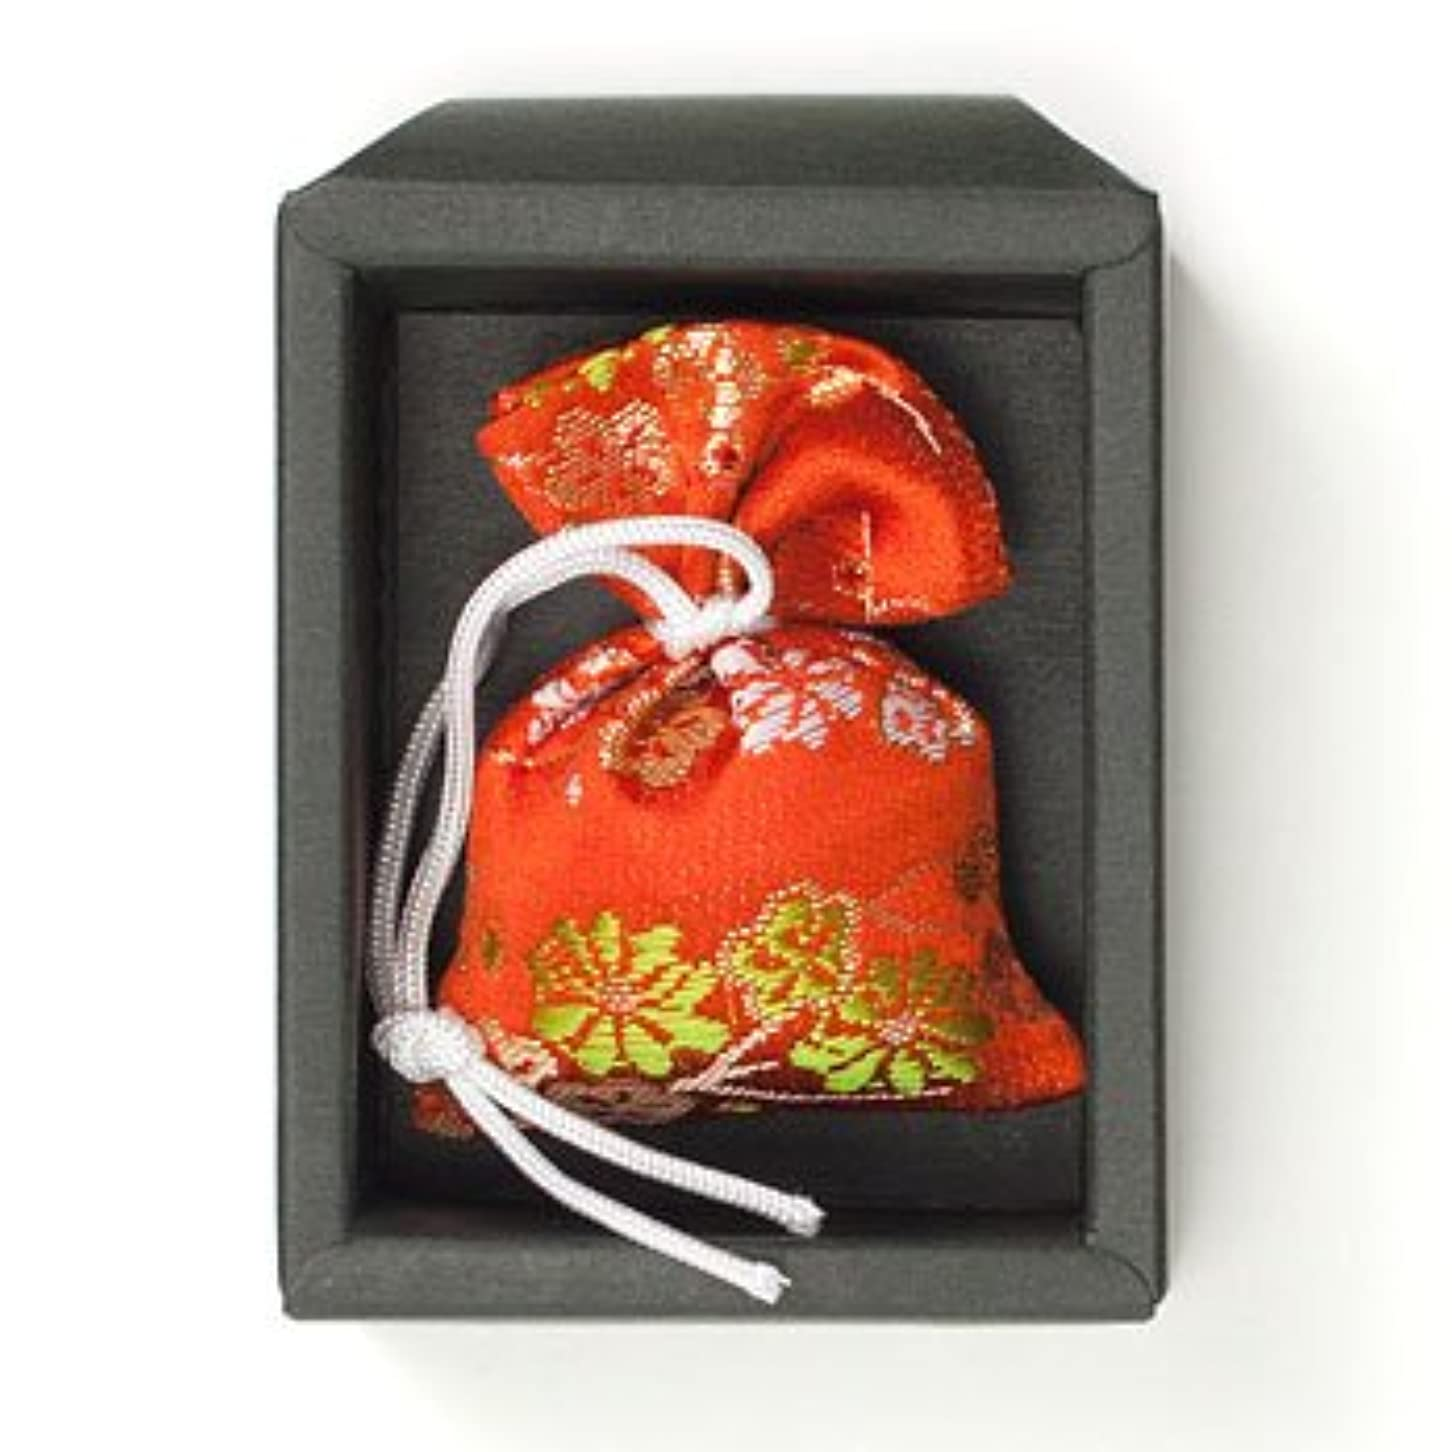 害虫社会主義符号匂い袋 誰が袖 極品 1個入 松栄堂 Shoyeido 本体長さ60mm (色?柄は選べません)